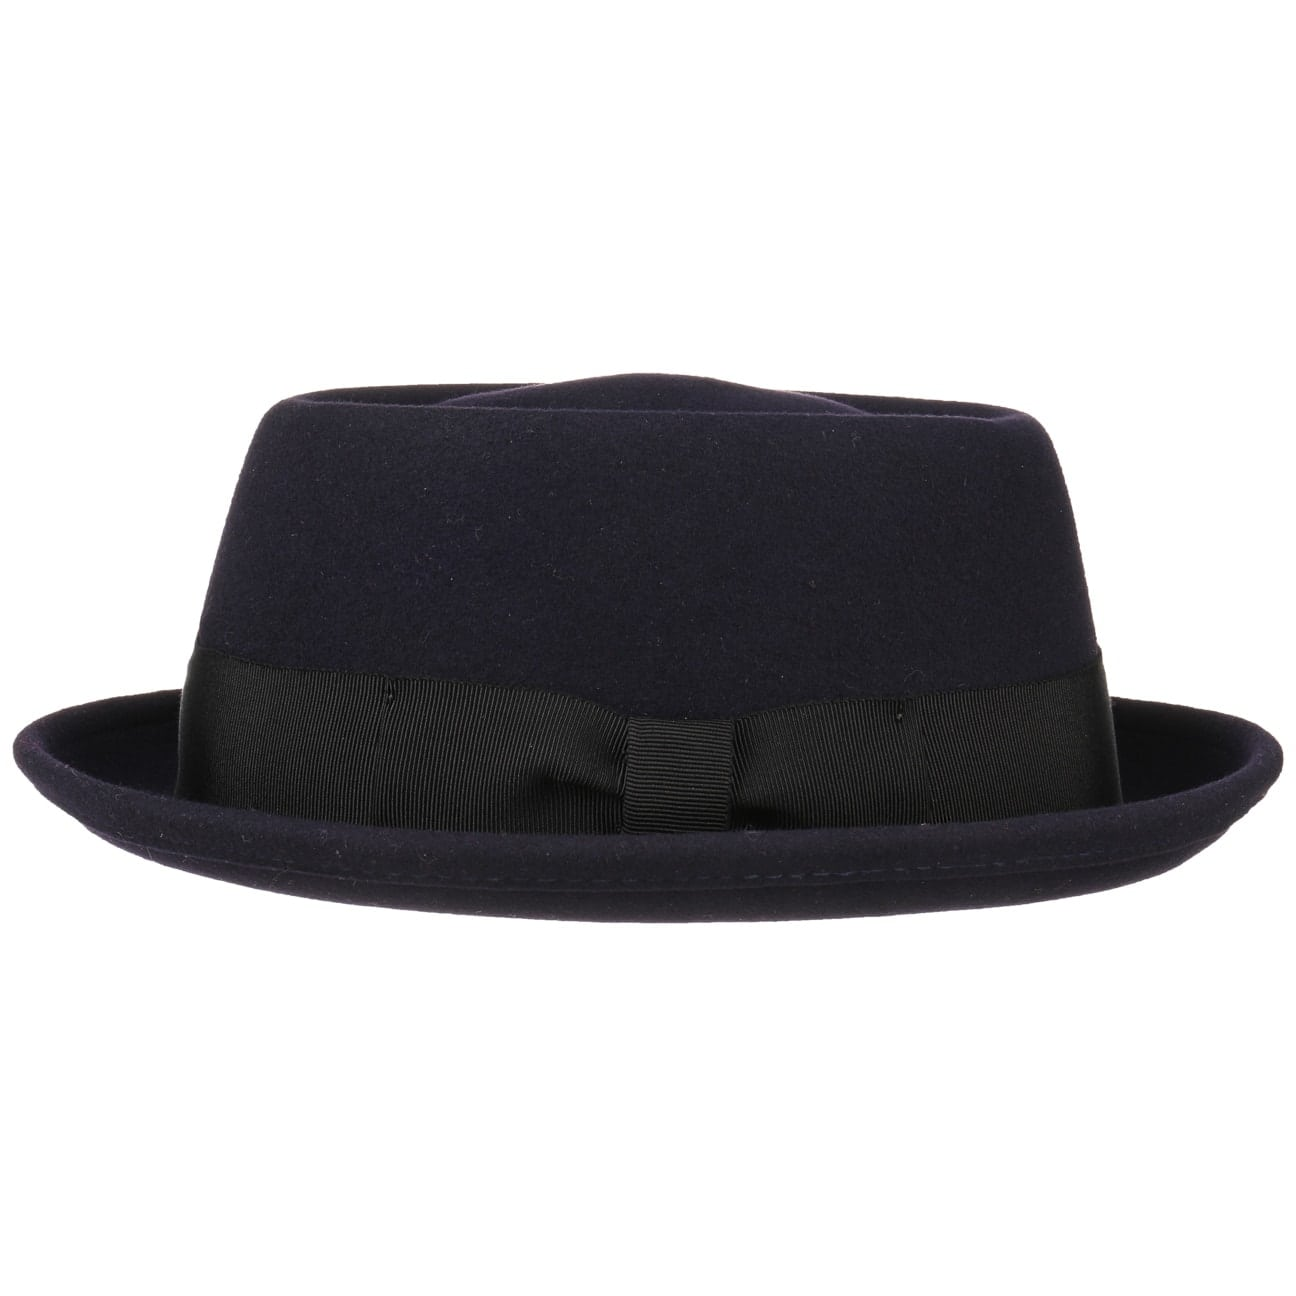 Sombrero Darron by Bailey of Hollywood  sombrero pork pie